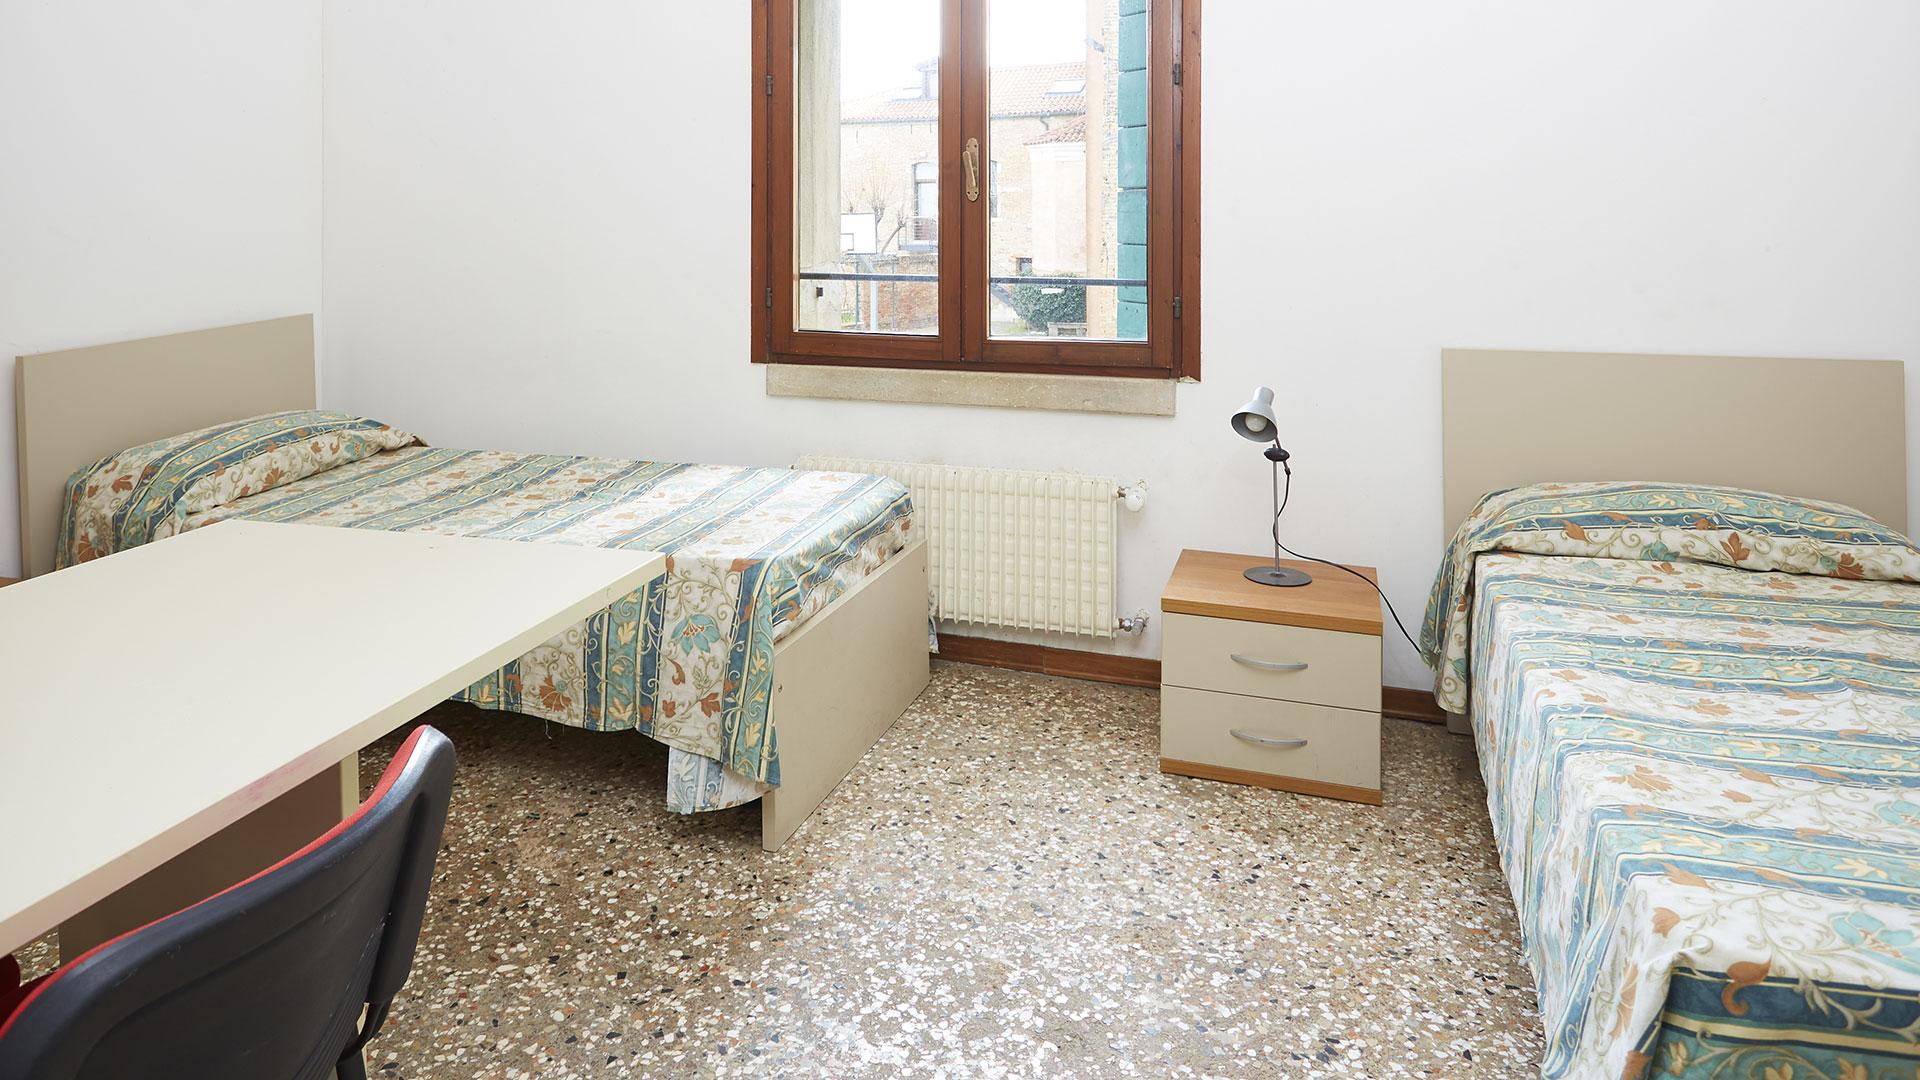 camera doppia collegio bagno privato